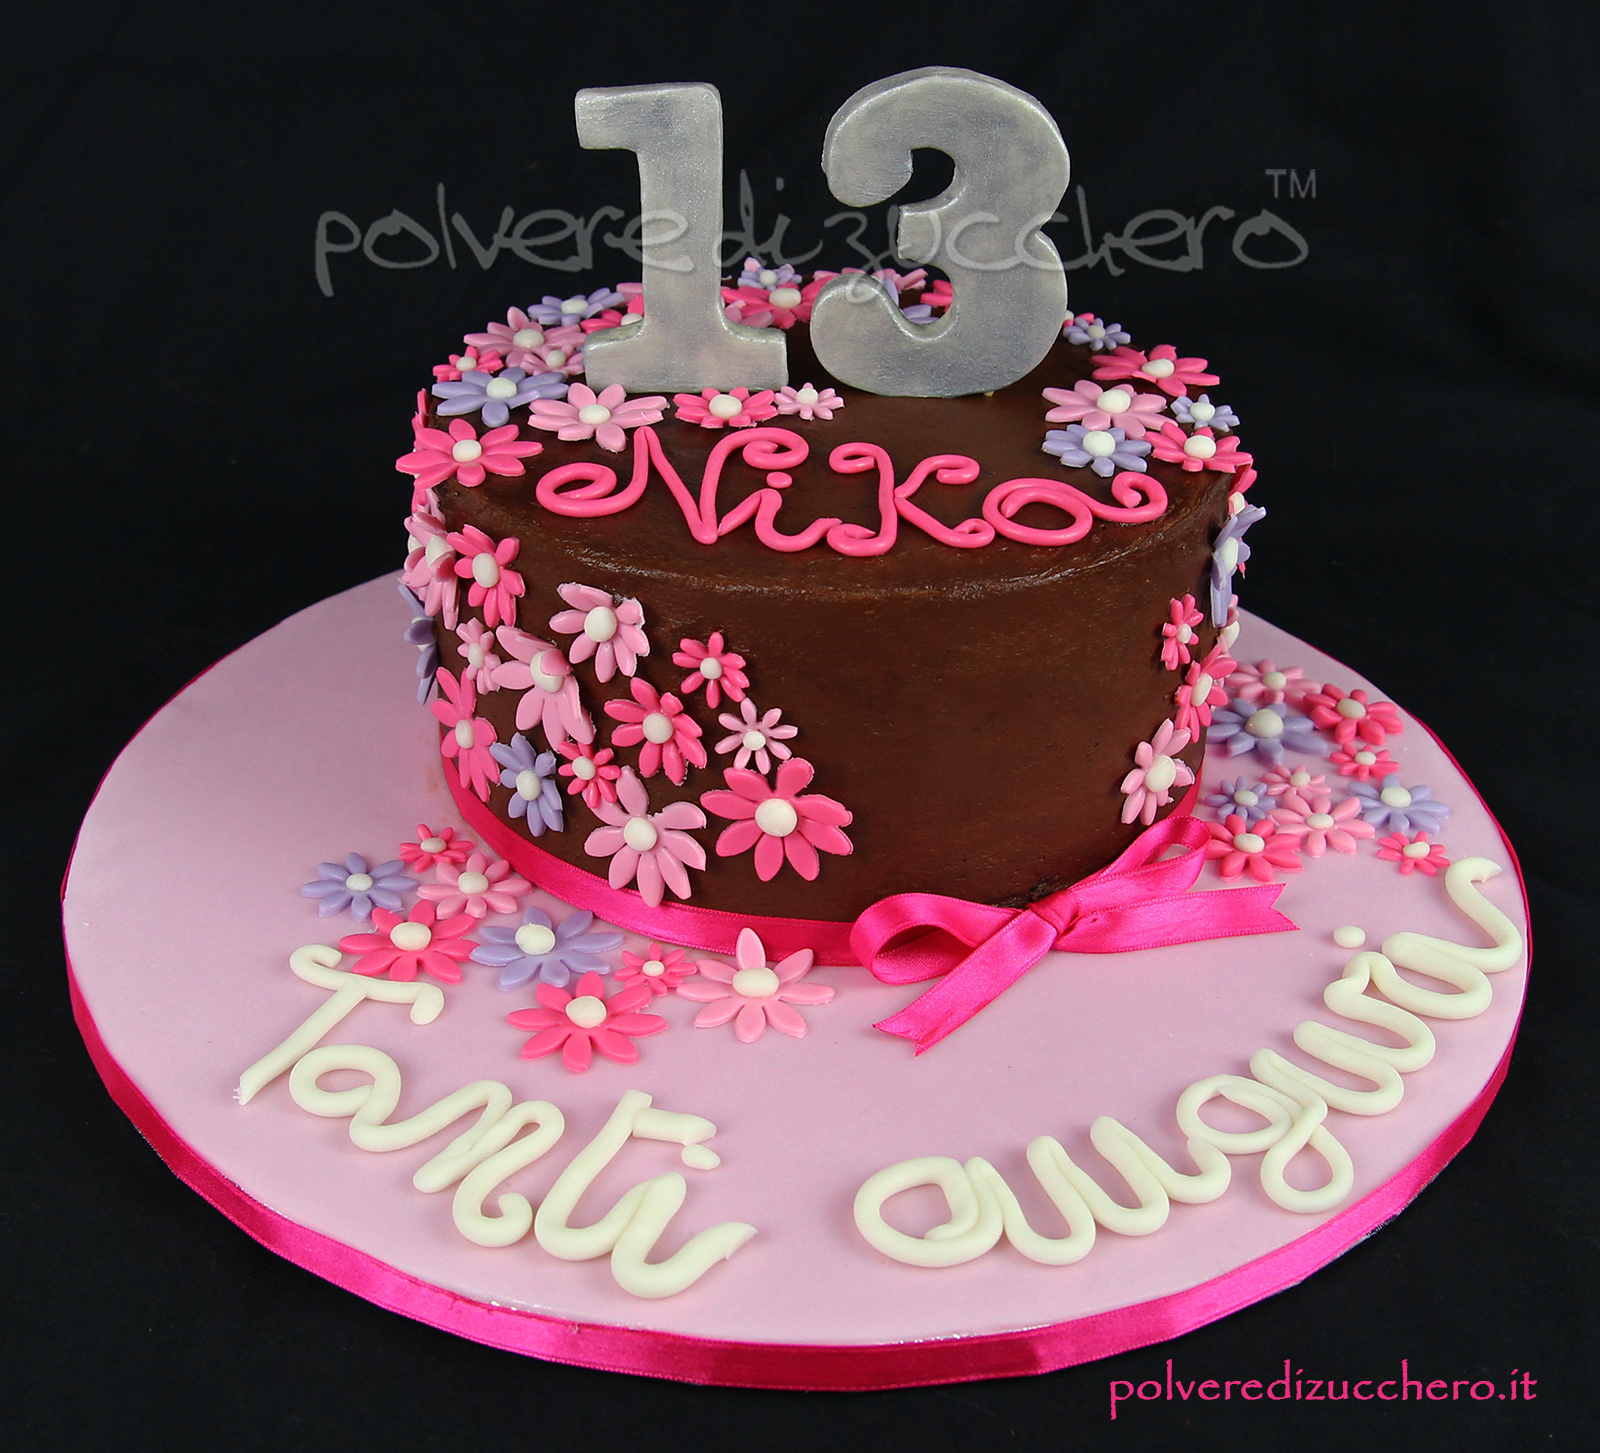 torta decorata cake design torta in pasta di zucchero compleanno teenager fiori flower birthday fondant sugar paste polvere di zucchero